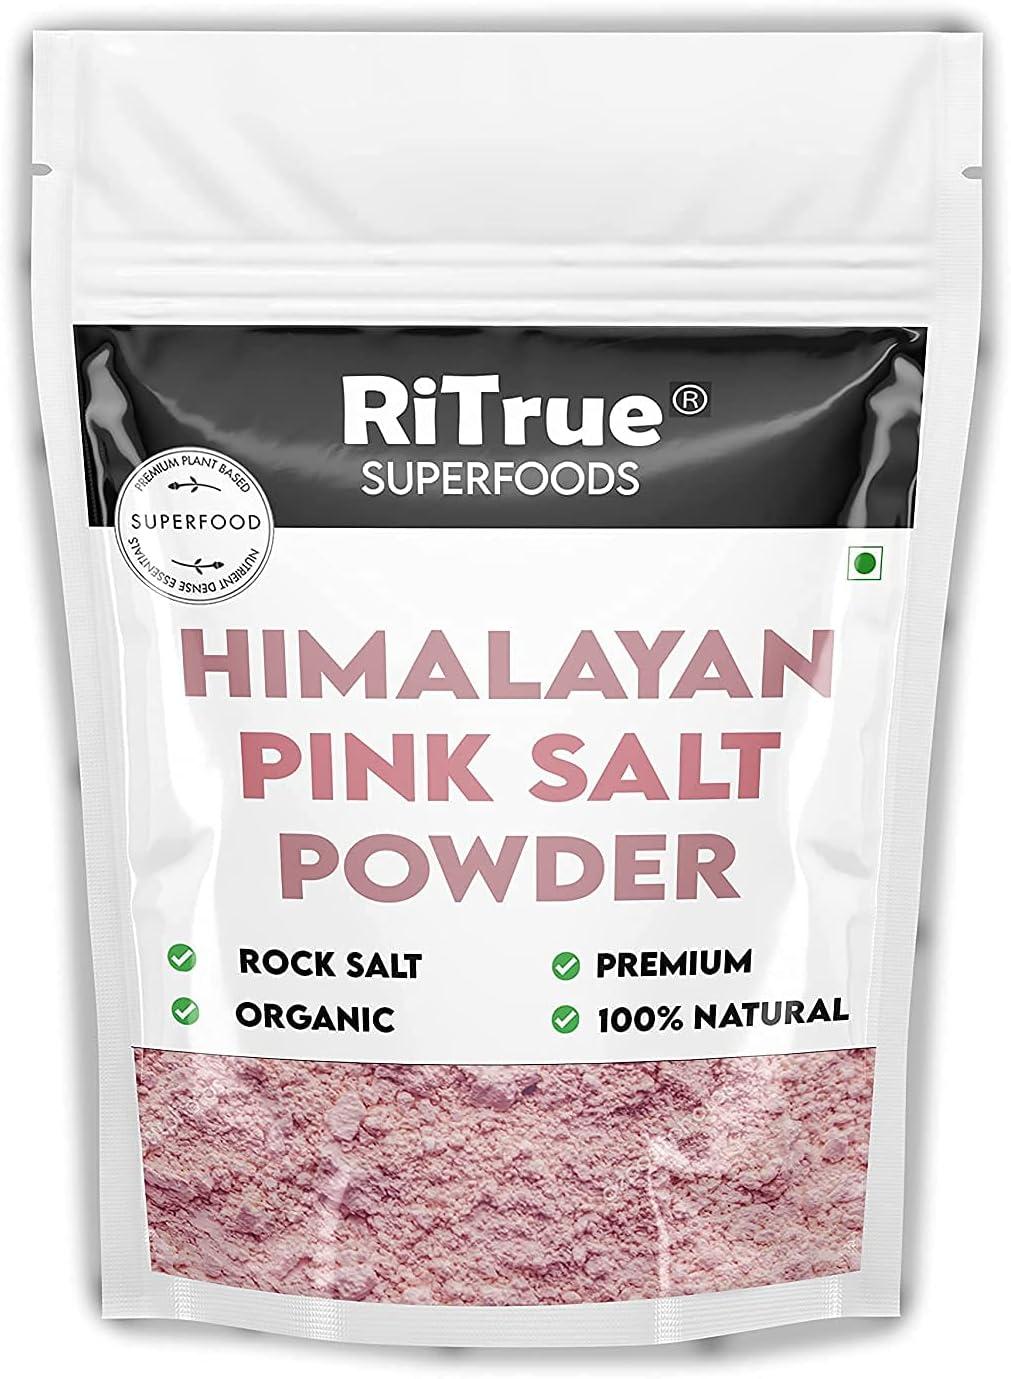 Bluenile Himalayan Pink Rock Salt Fine Pouch Gen San Diego Mall - Spasm price 500 Powder Gm